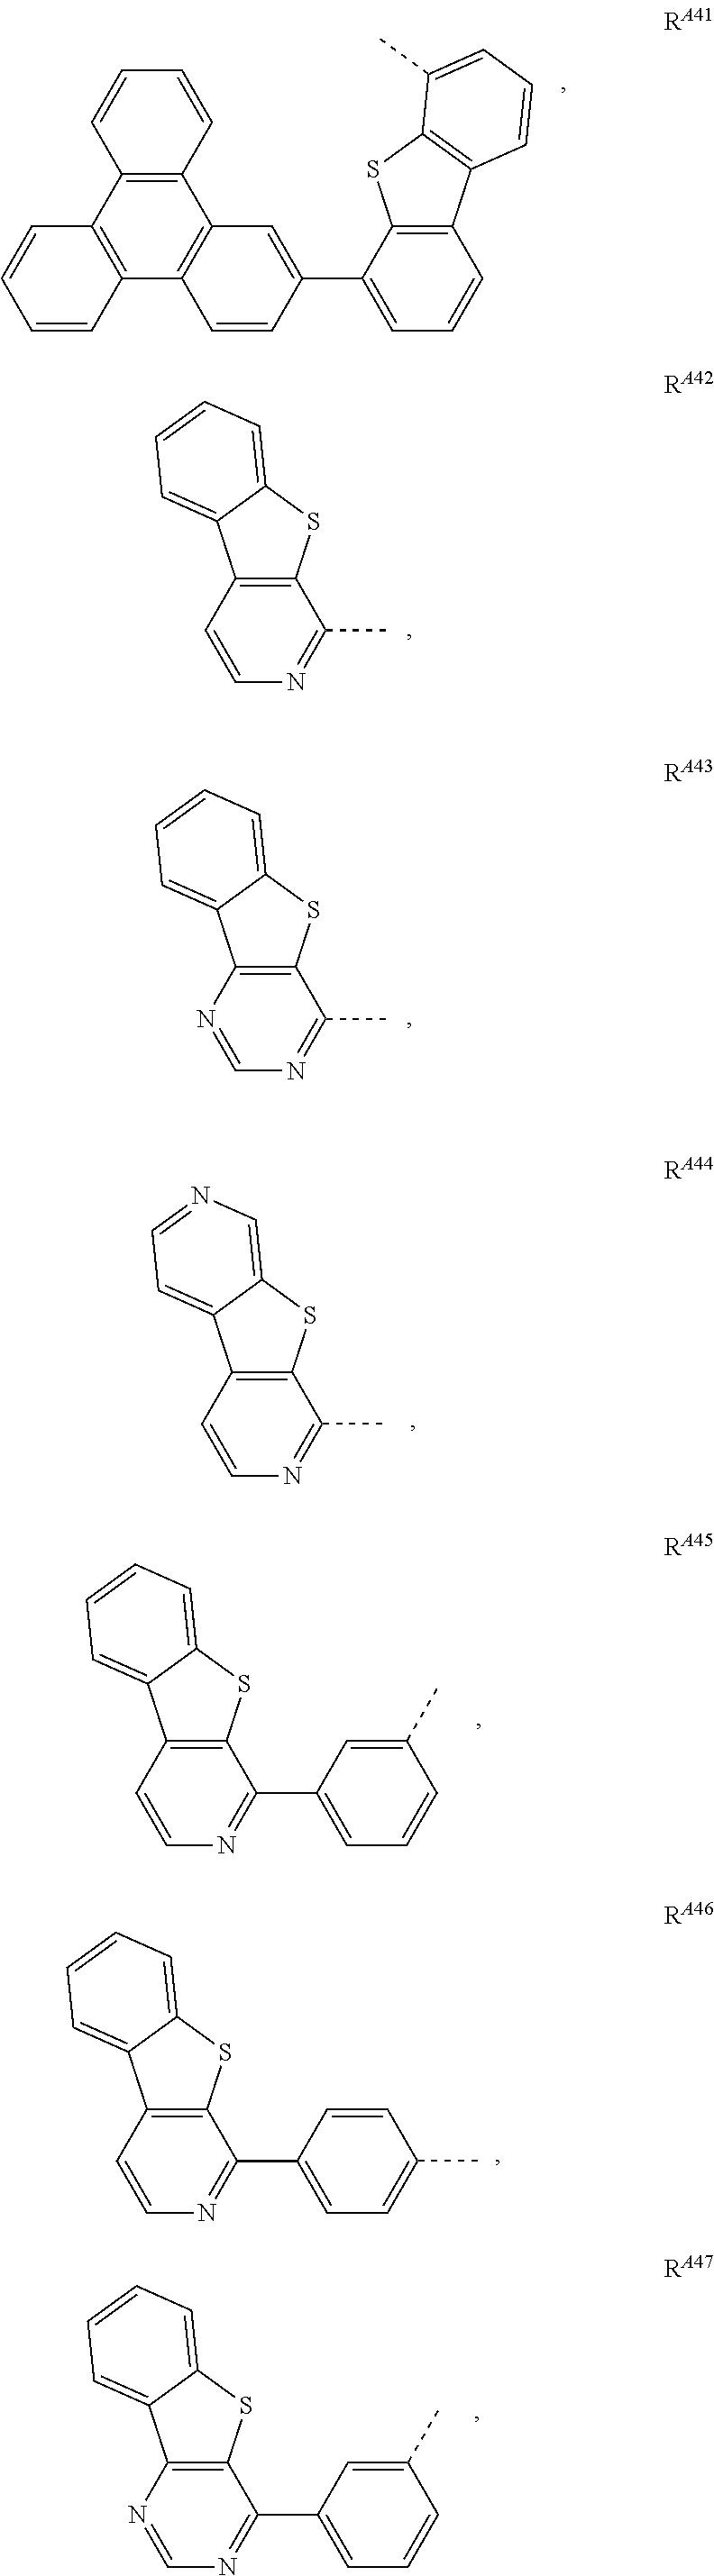 Figure US09761814-20170912-C00271